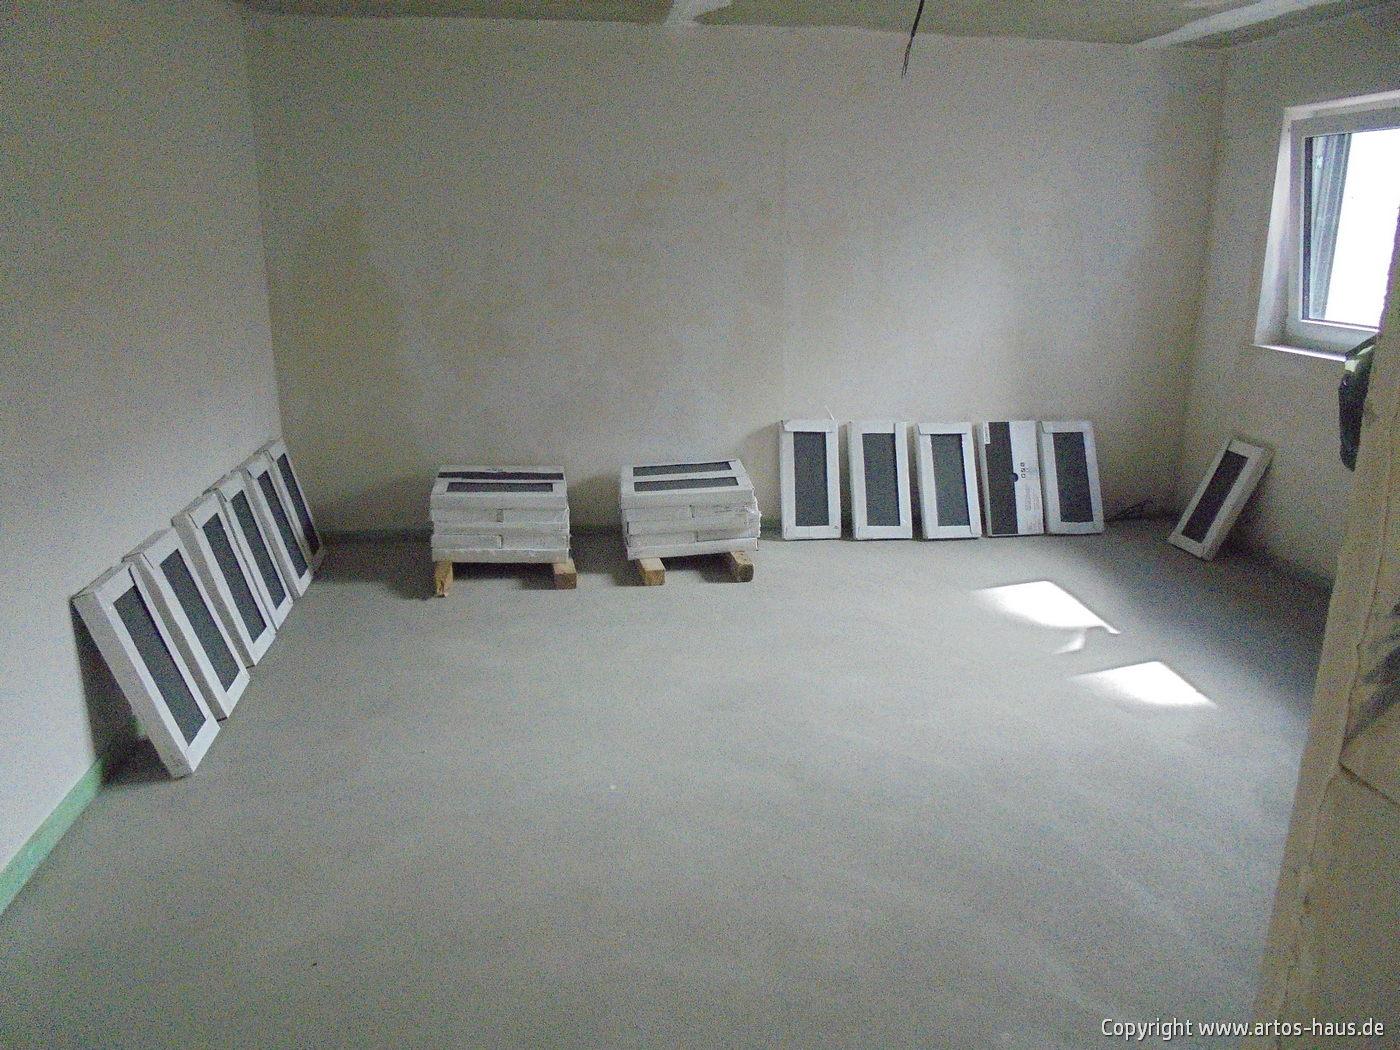 Estricharbeiten | www.artos-haus.de Bild 4